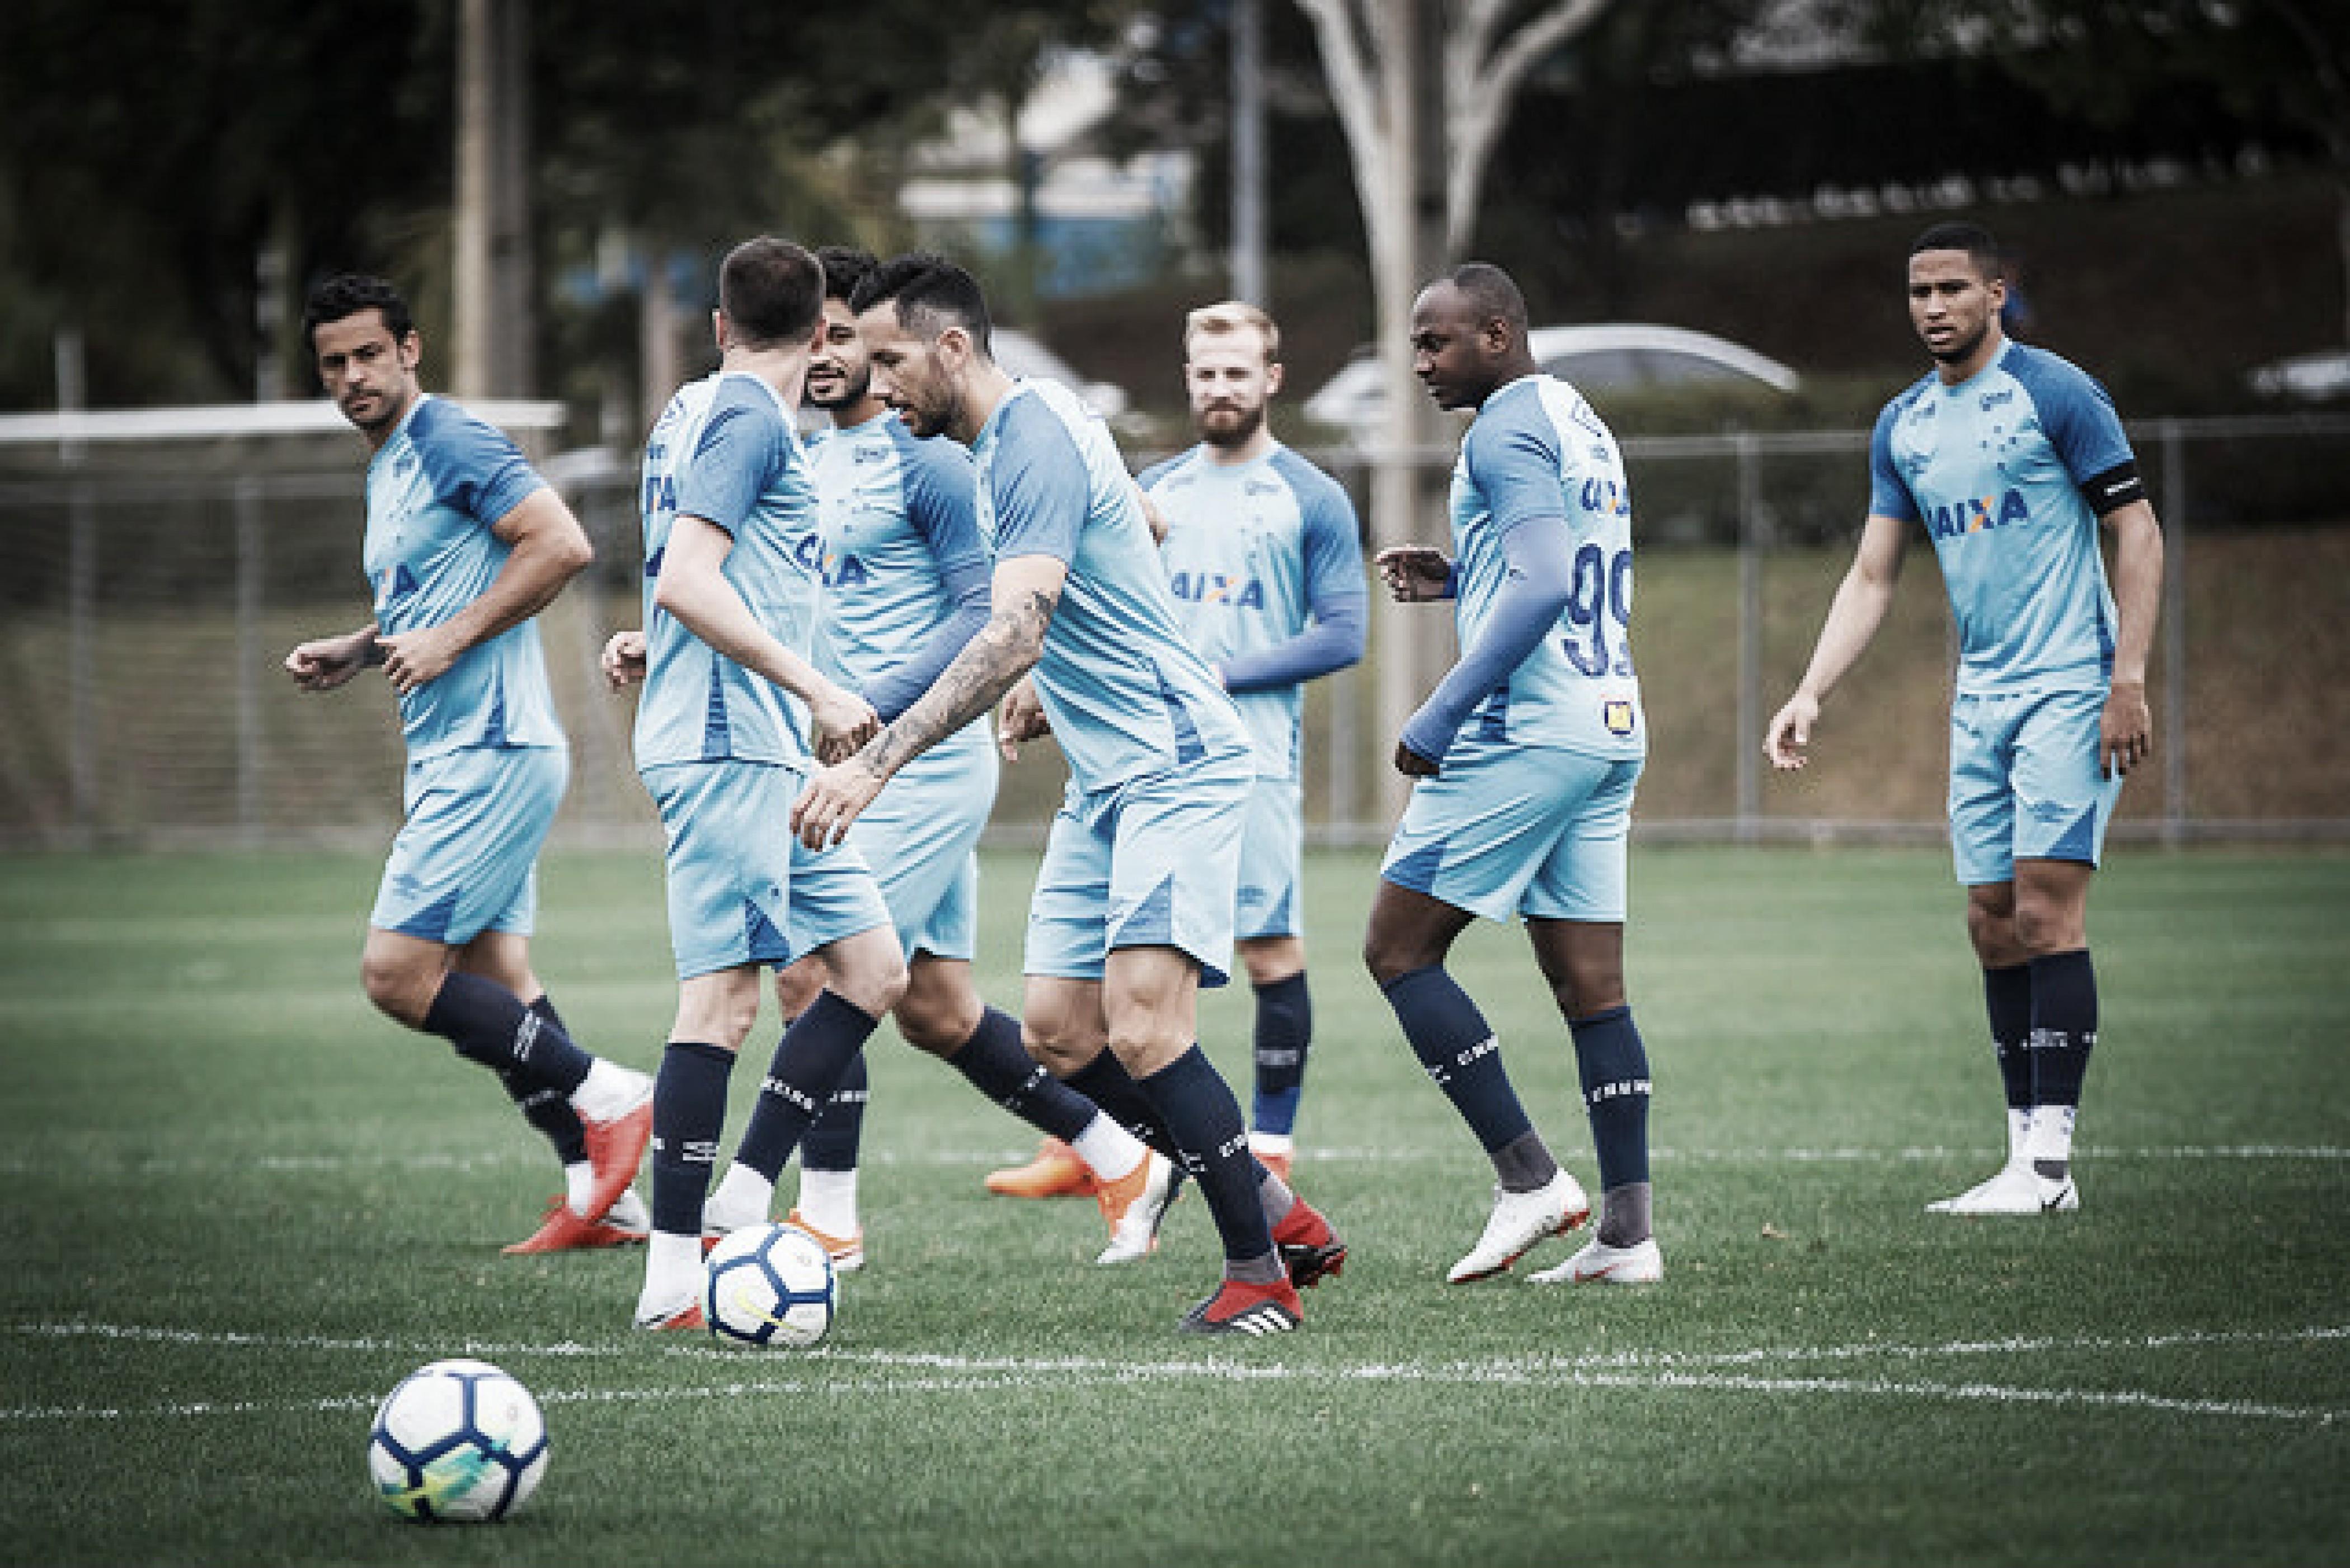 Com mudança, Cruzeiro divulga lista dos atletas para as quartas de final da Copa Libertadores